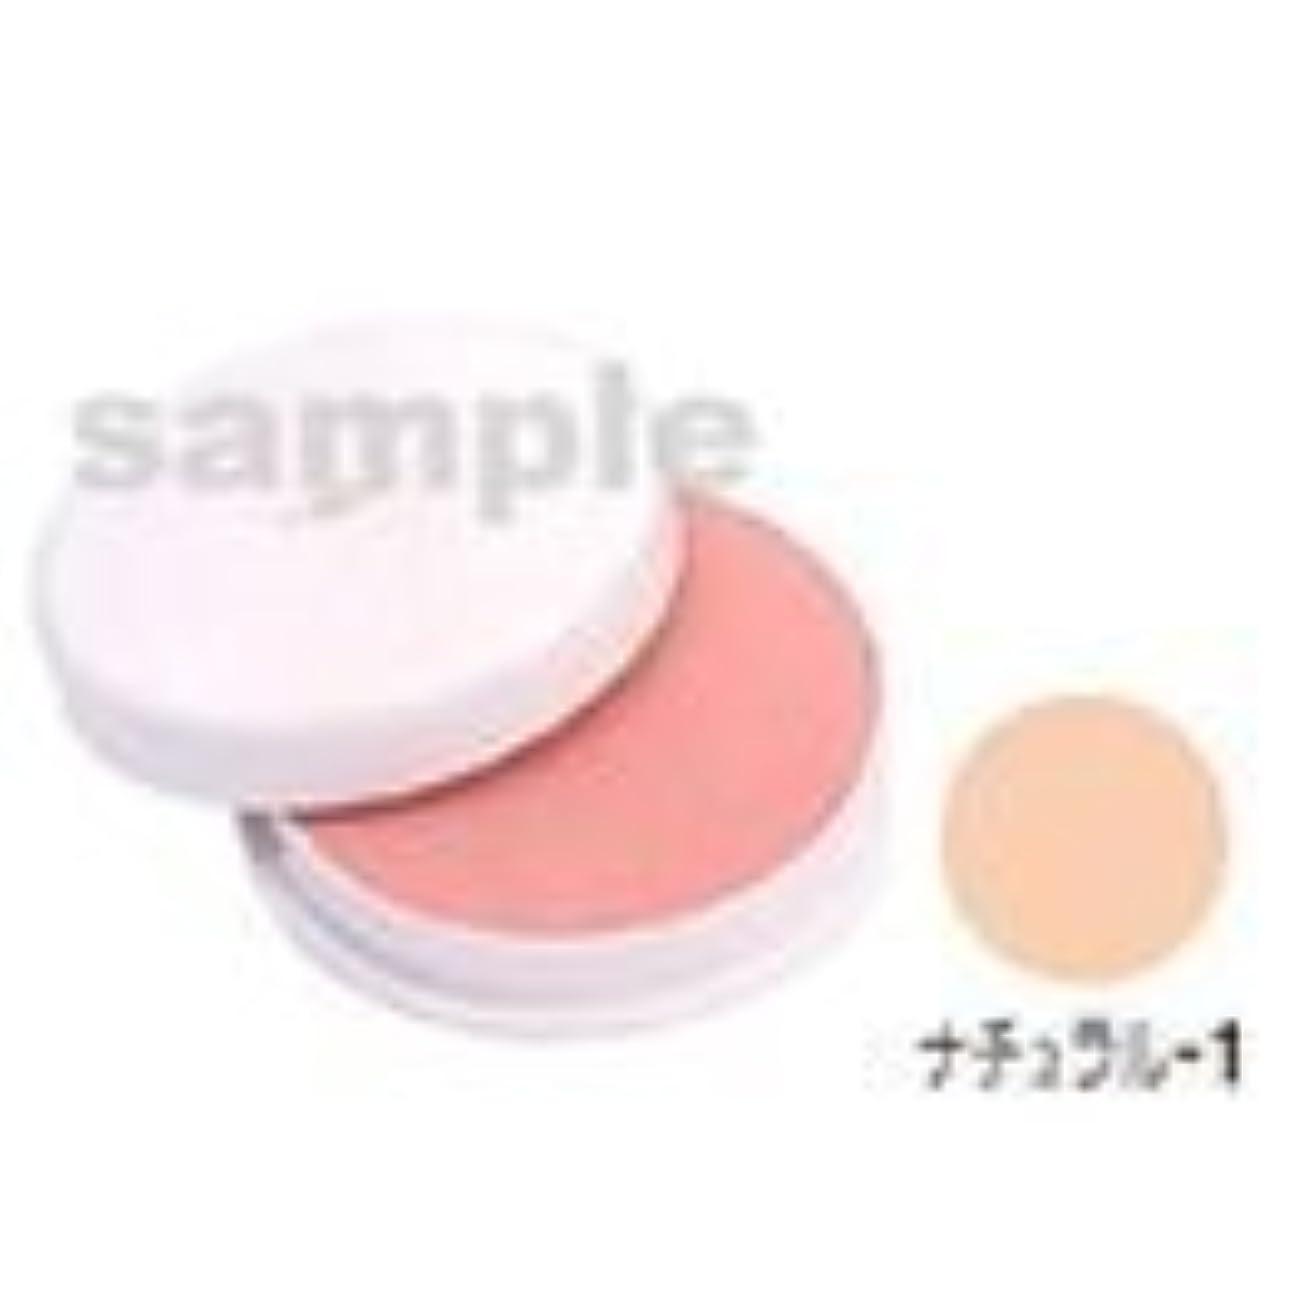 有害なモッキンバードシアー三善 フェースケーキ ナチュラル-1